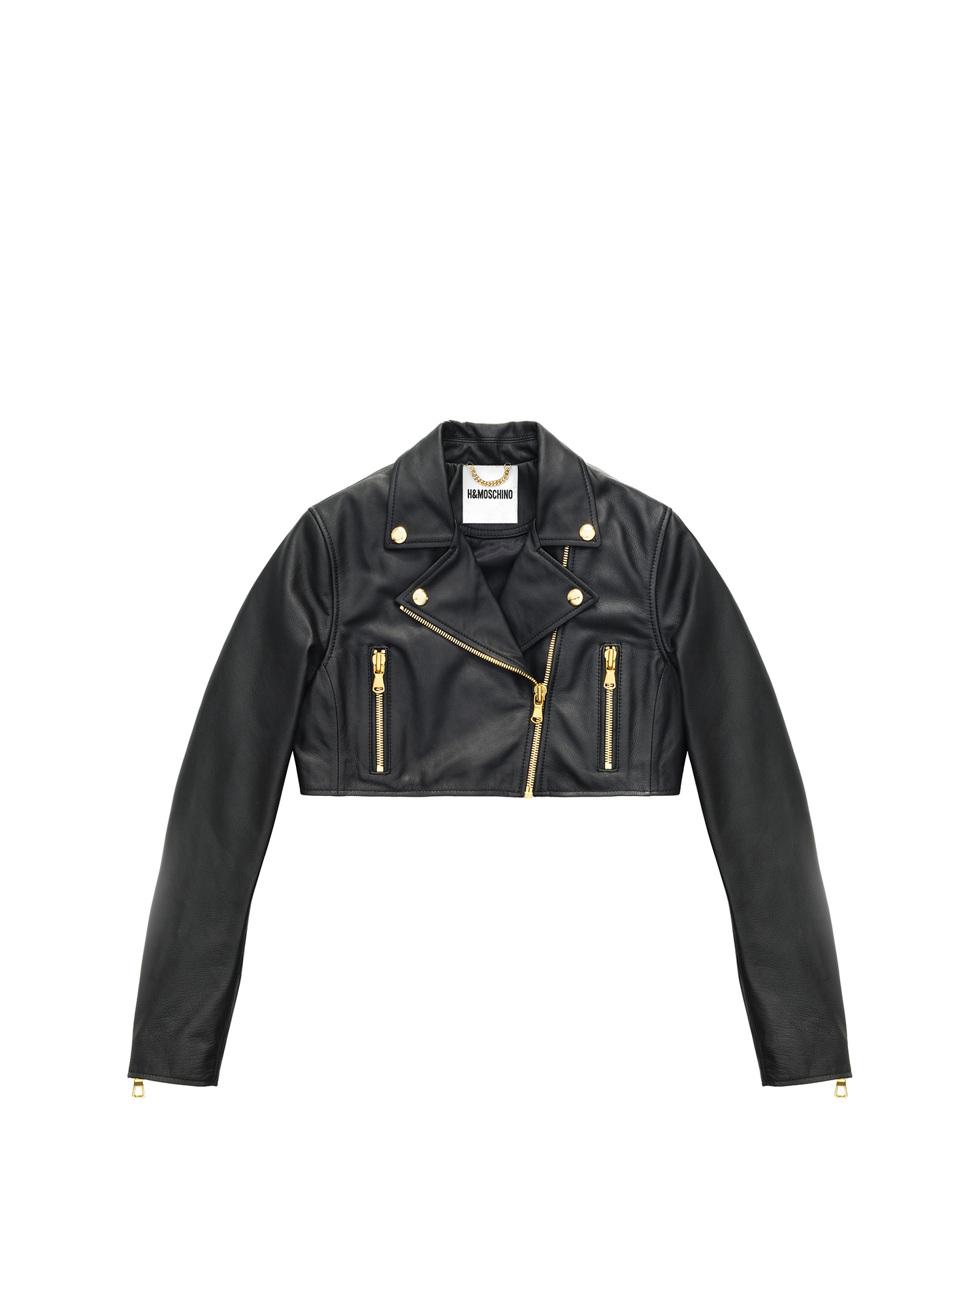 H&M gör designsamarbete med Moschino – här är våra favoriter